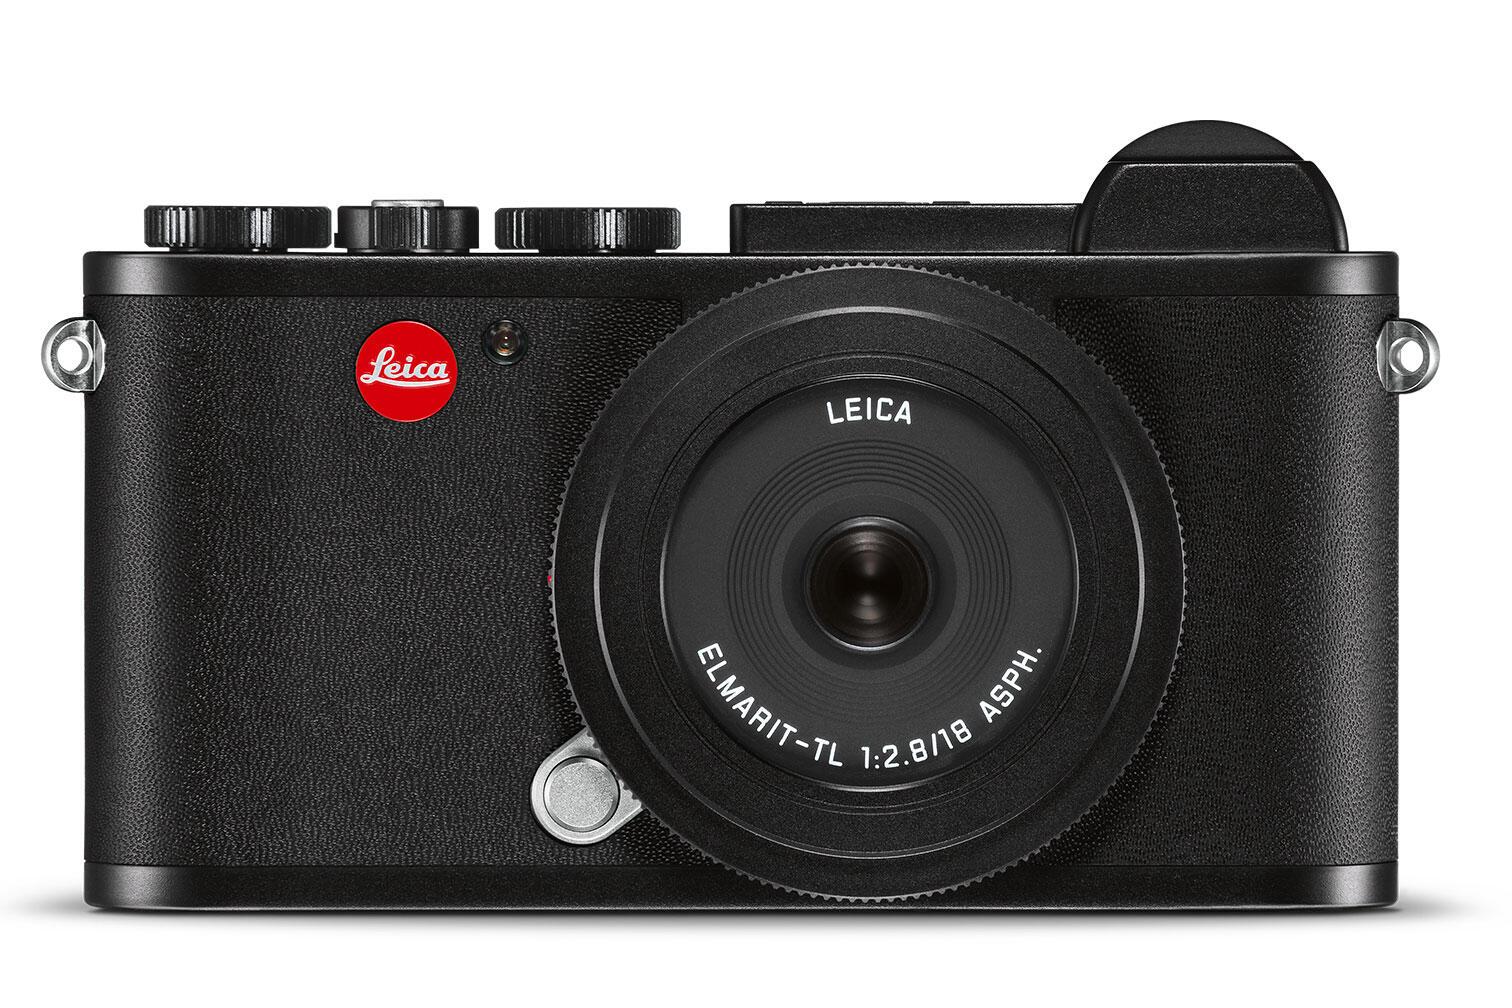 leica-cl-elmarit-tl-18-asph-black-1512-x-1008-ffff-reference.jpg